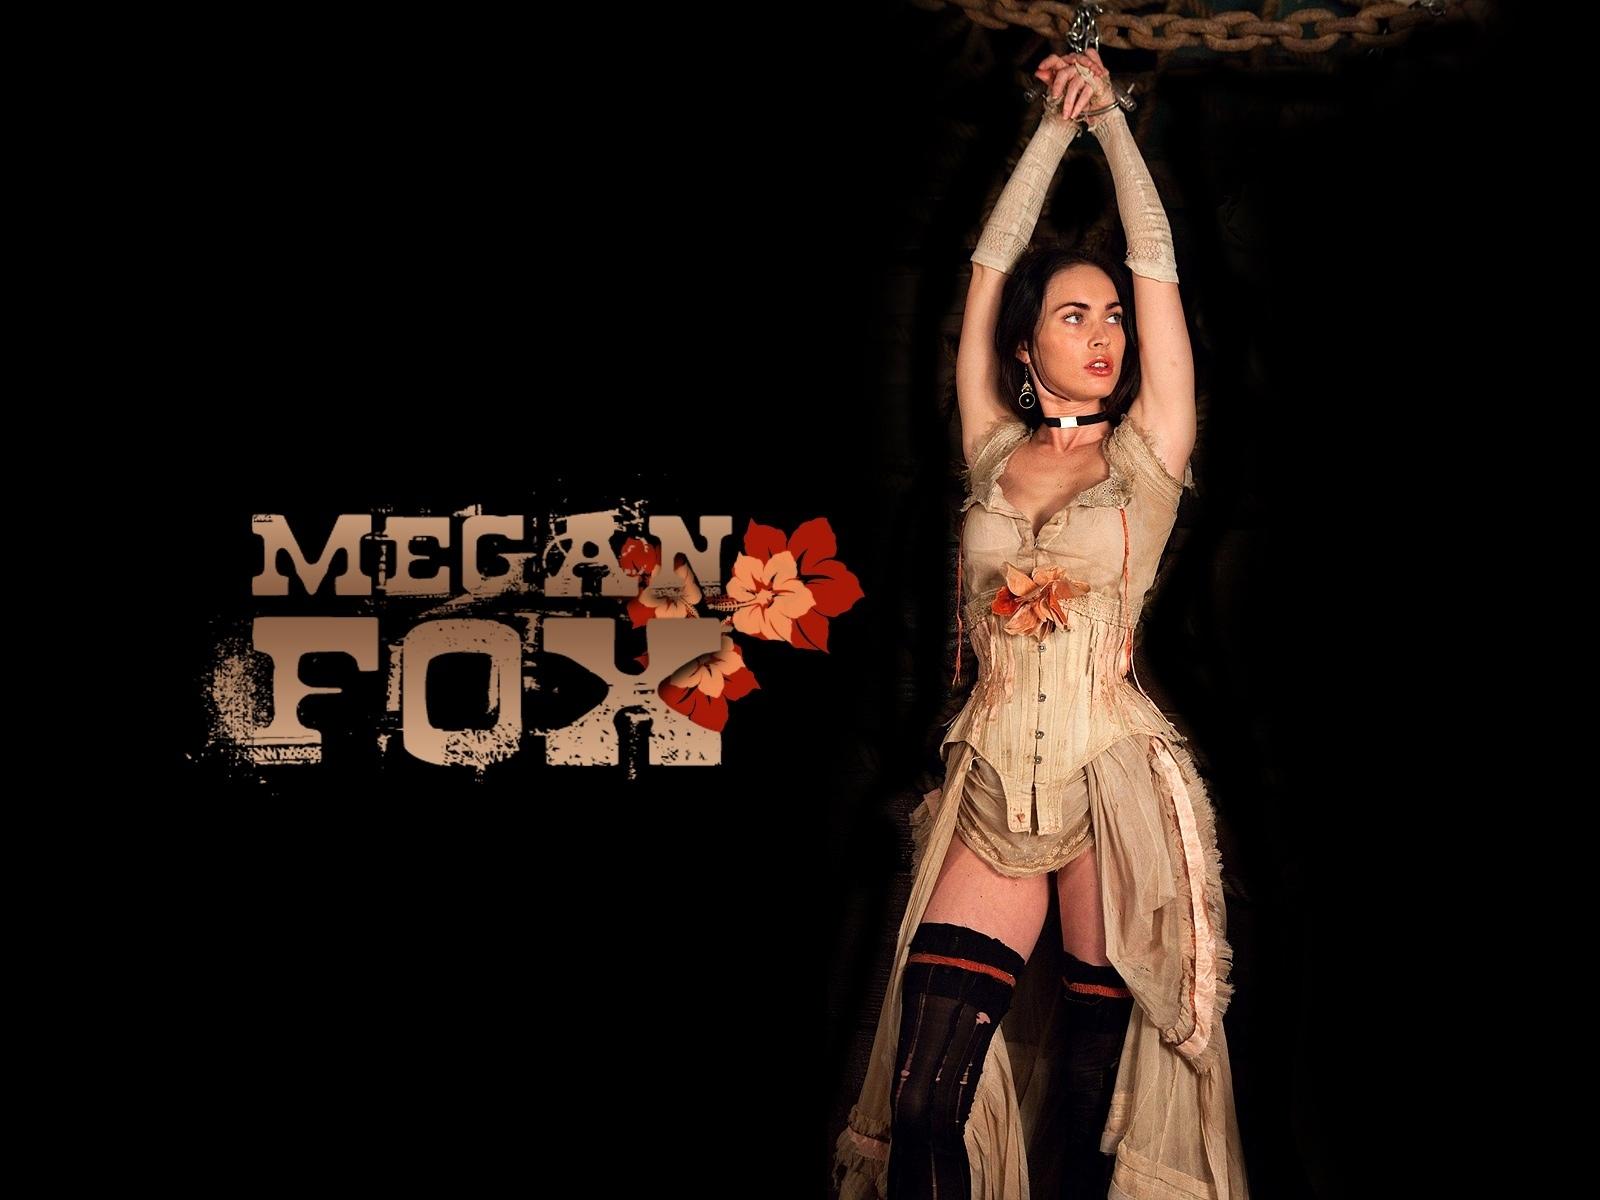 Megan Fox Megan Fox Wallpaper 16232716 Fanpop